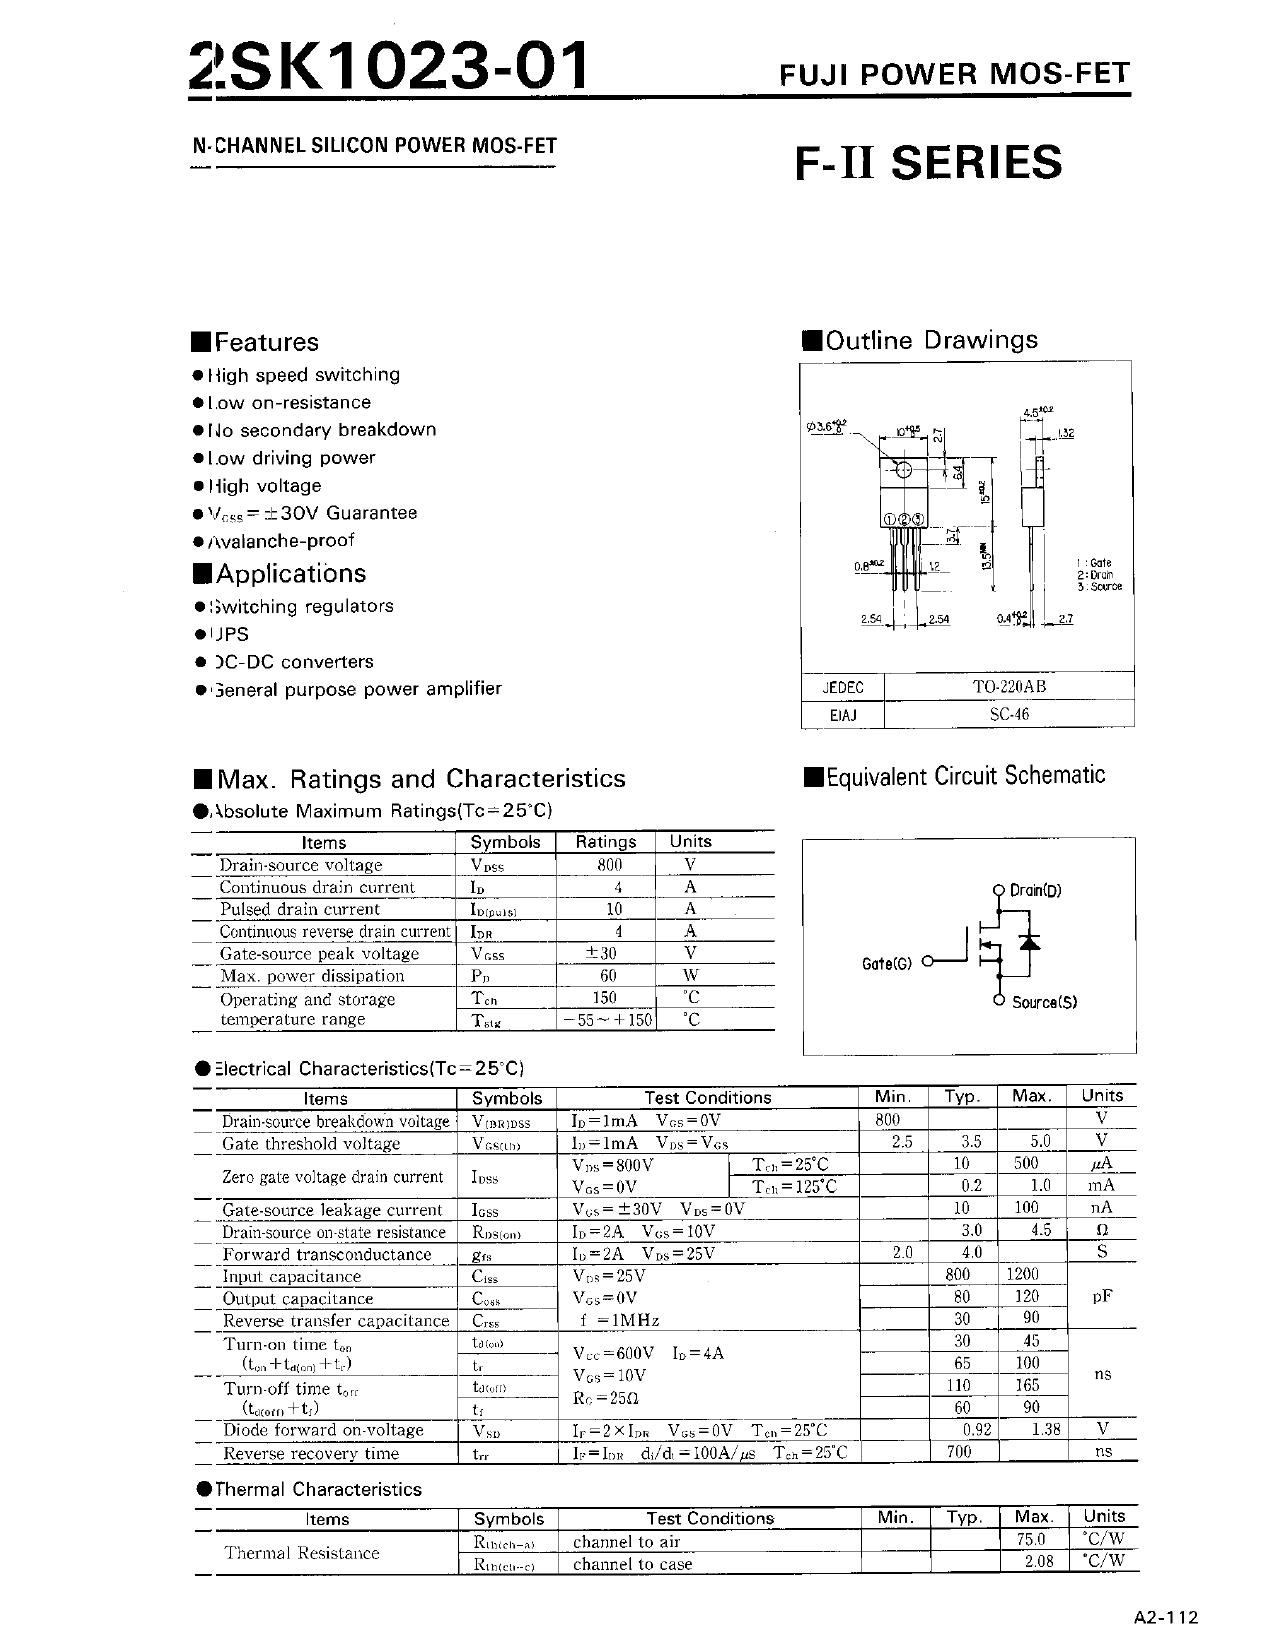 K1023-01 Hoja de datos, Descripción, Manual